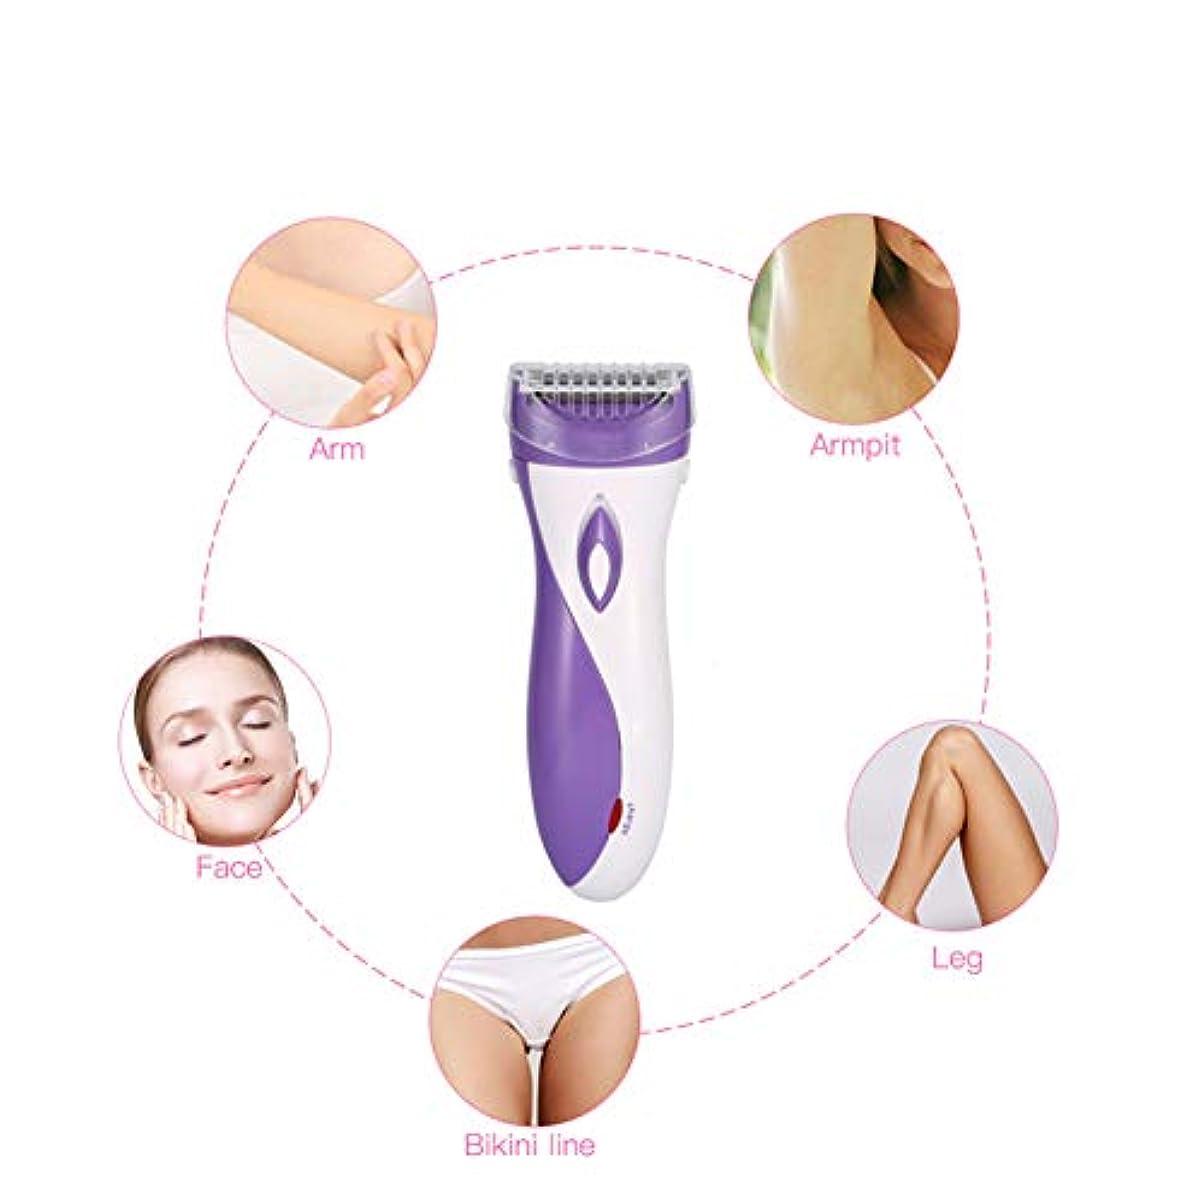 メルボルン執着弁護士女性の電気毛の除去剤、ボディ顔の毛の除去剤、小型方法女性首の足のビキニのトリマー